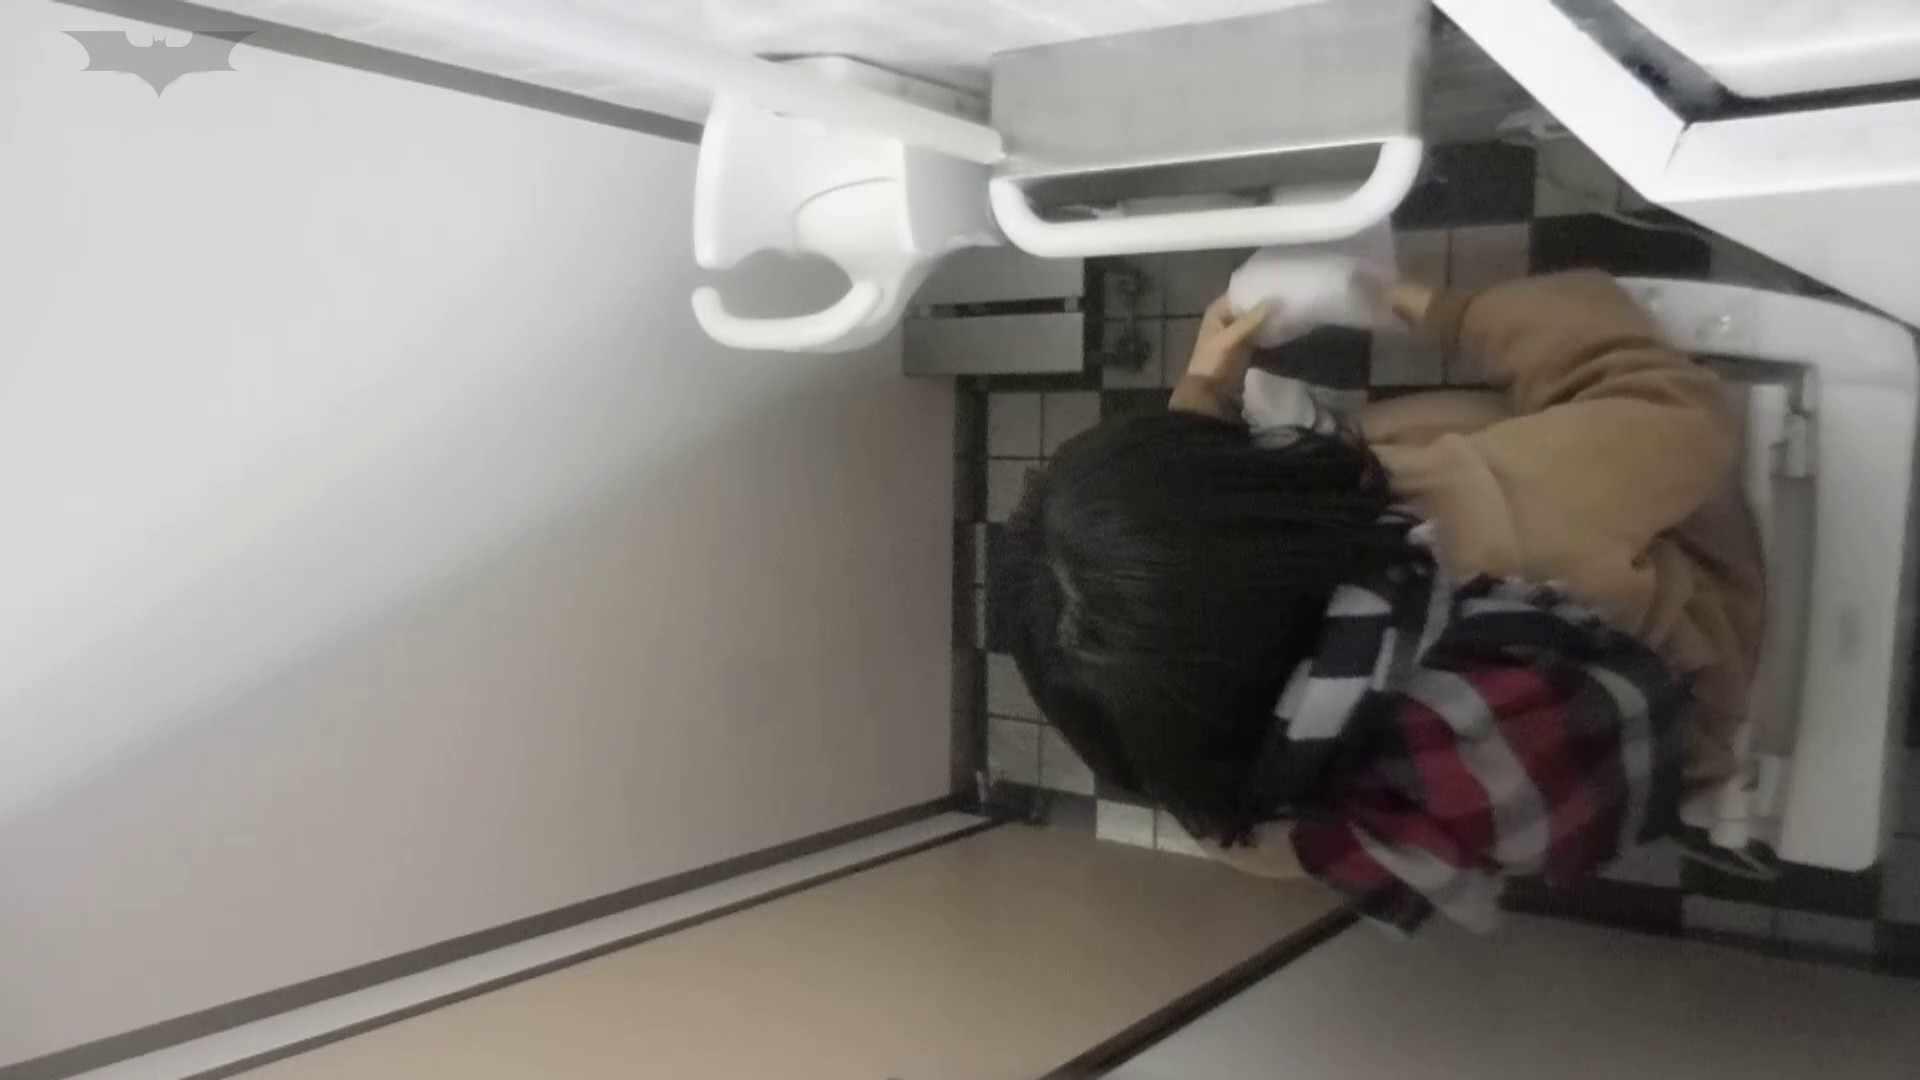 化粧室絵巻 駅舎編 VOL.21 ヨリドリミドリ!!選びたい放題です。 洗面所シーン | ギャルズ  105画像 91